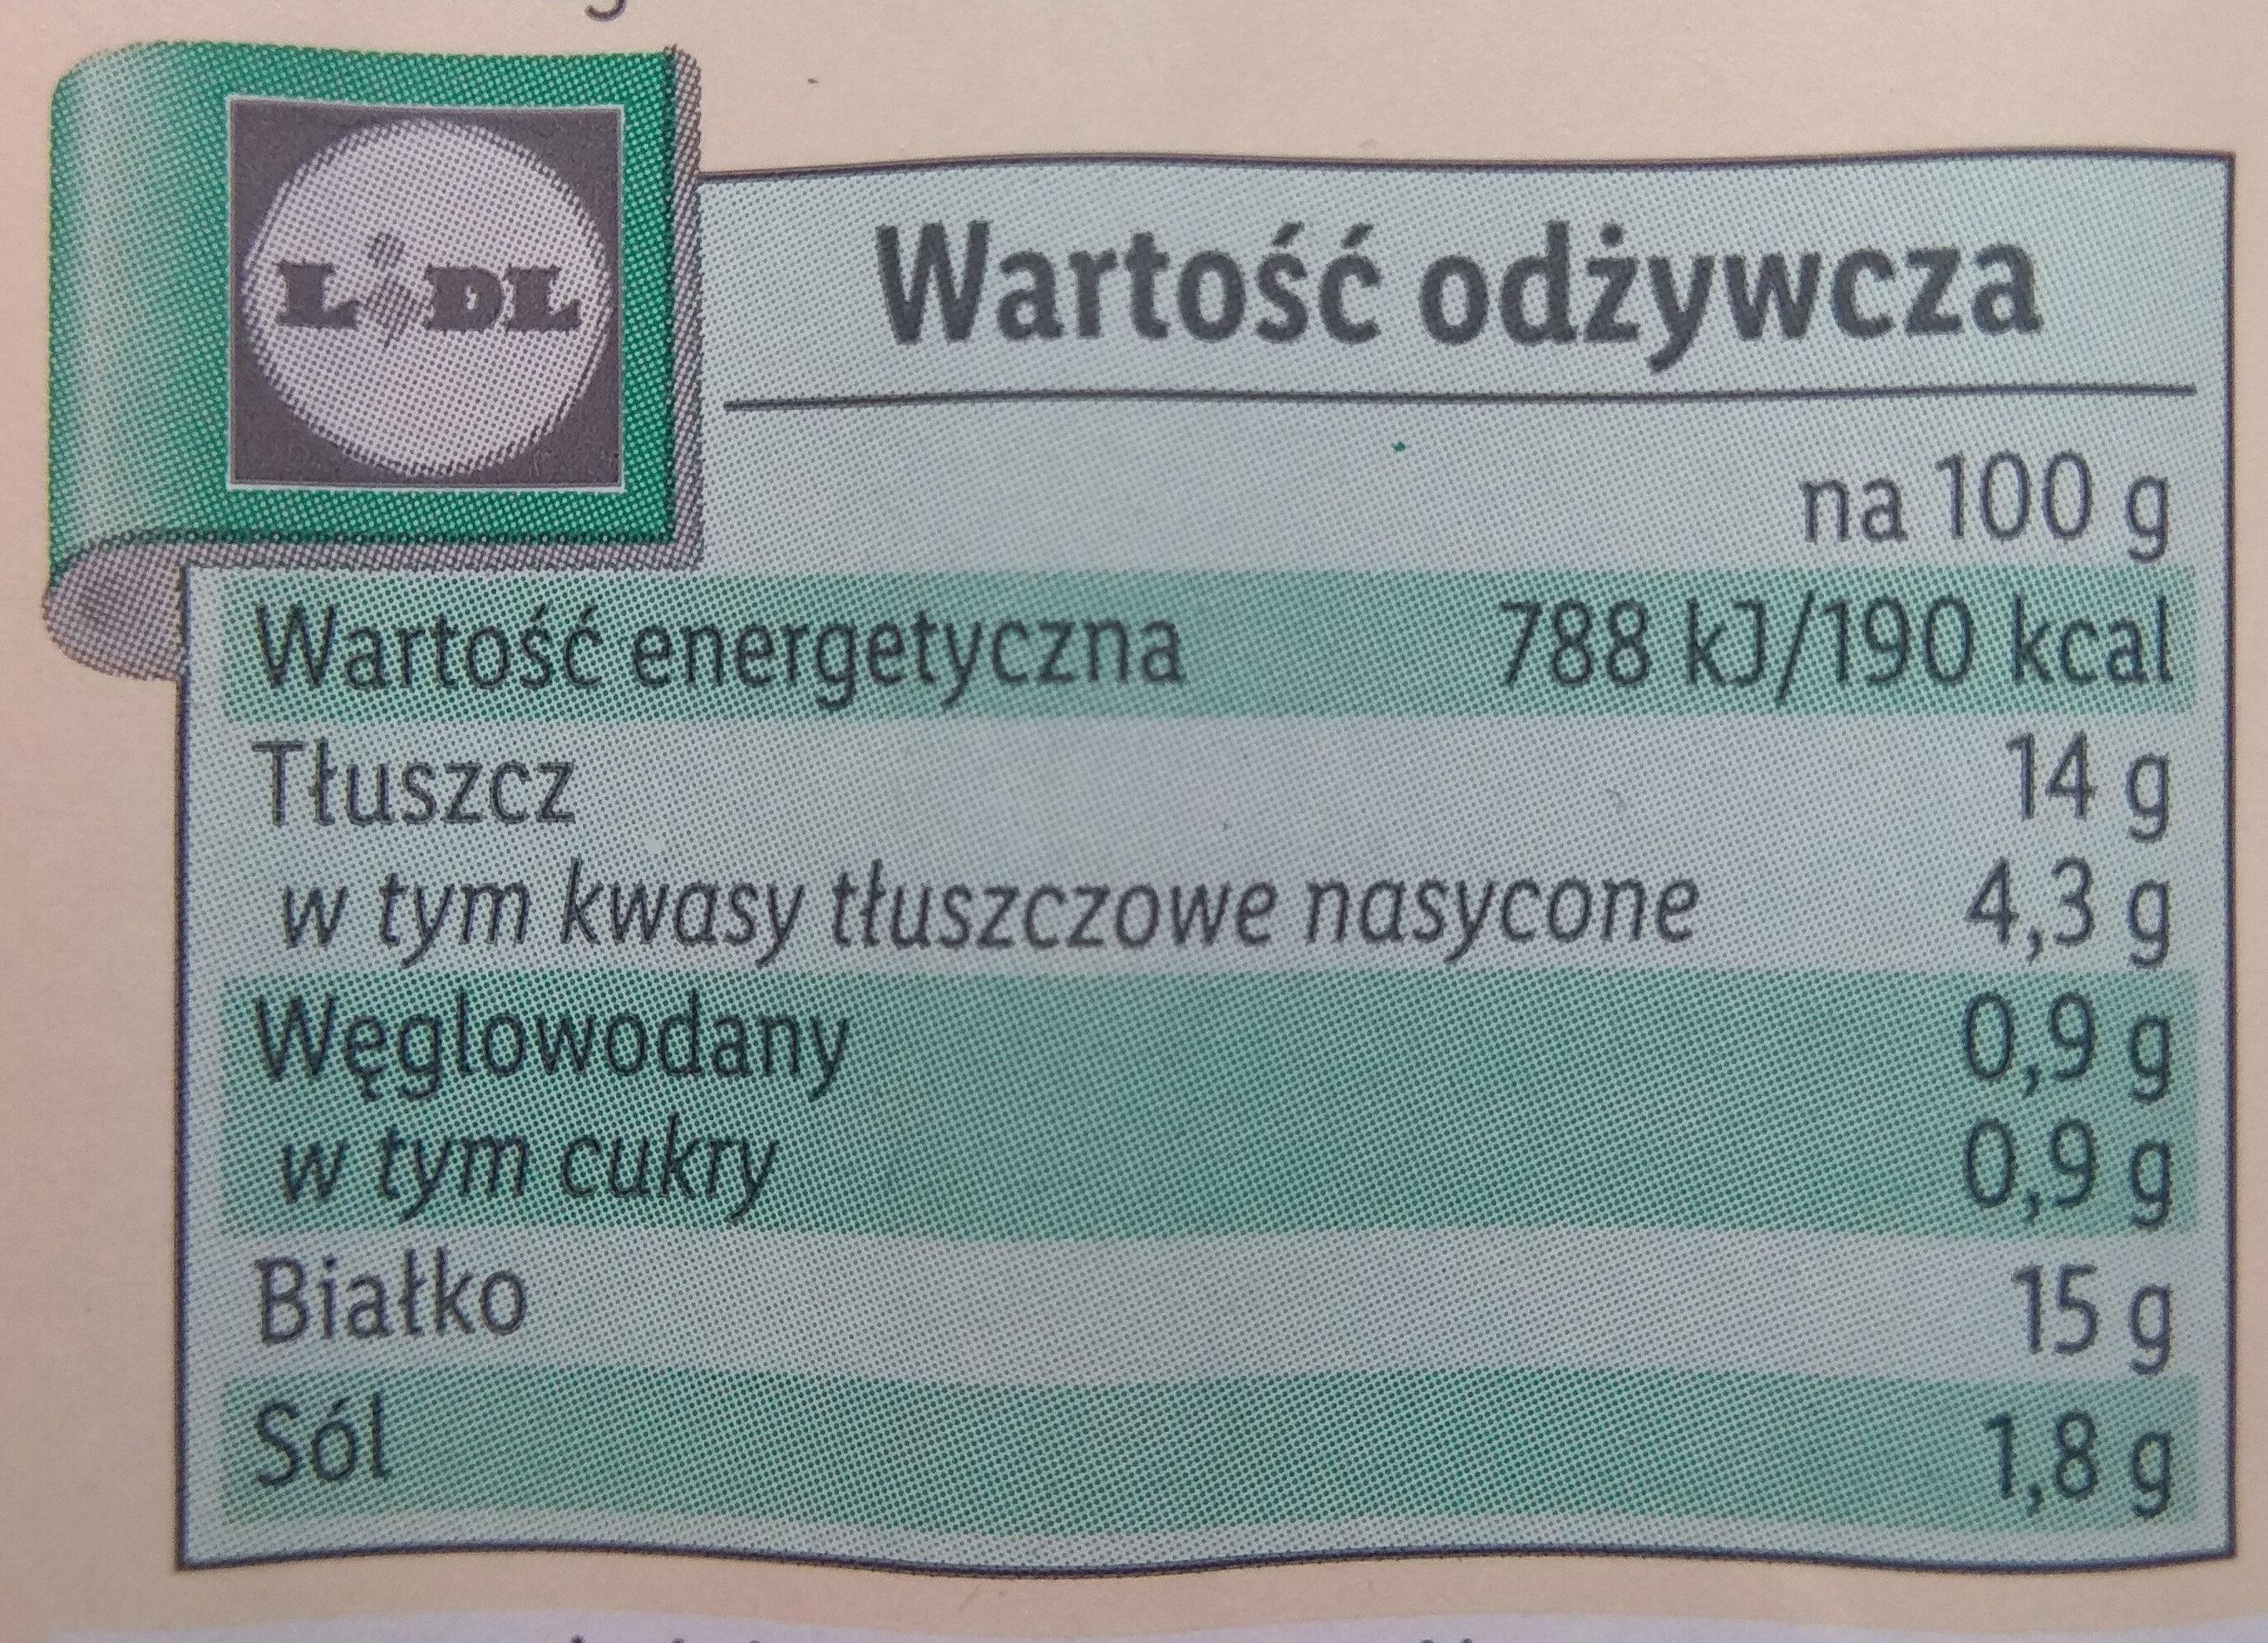 Parówki z filetem z indyka - Wartości odżywcze - pl